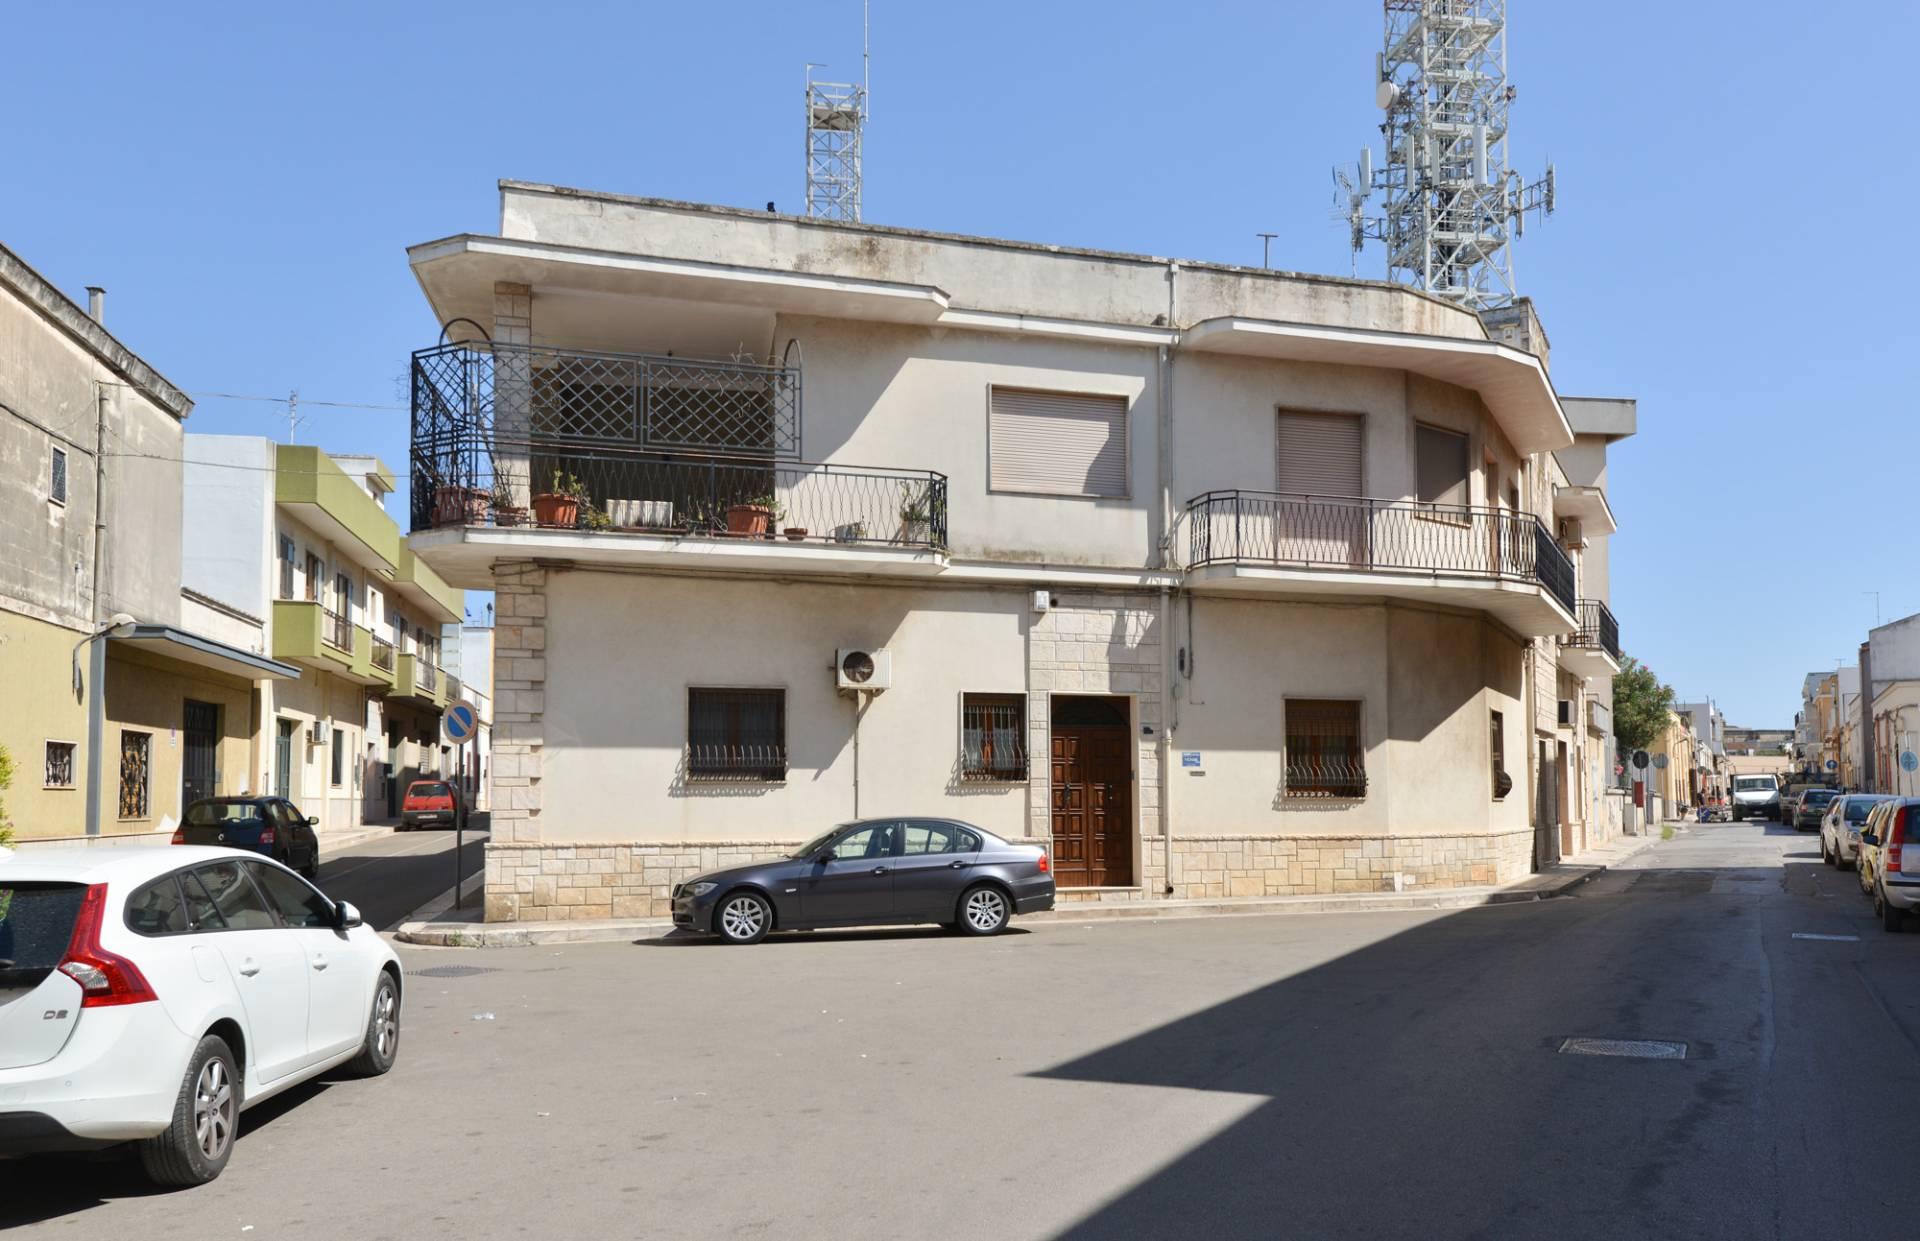 Appartamento in vendita a Mesagne, 7 locali, prezzo € 150.000 | CambioCasa.it